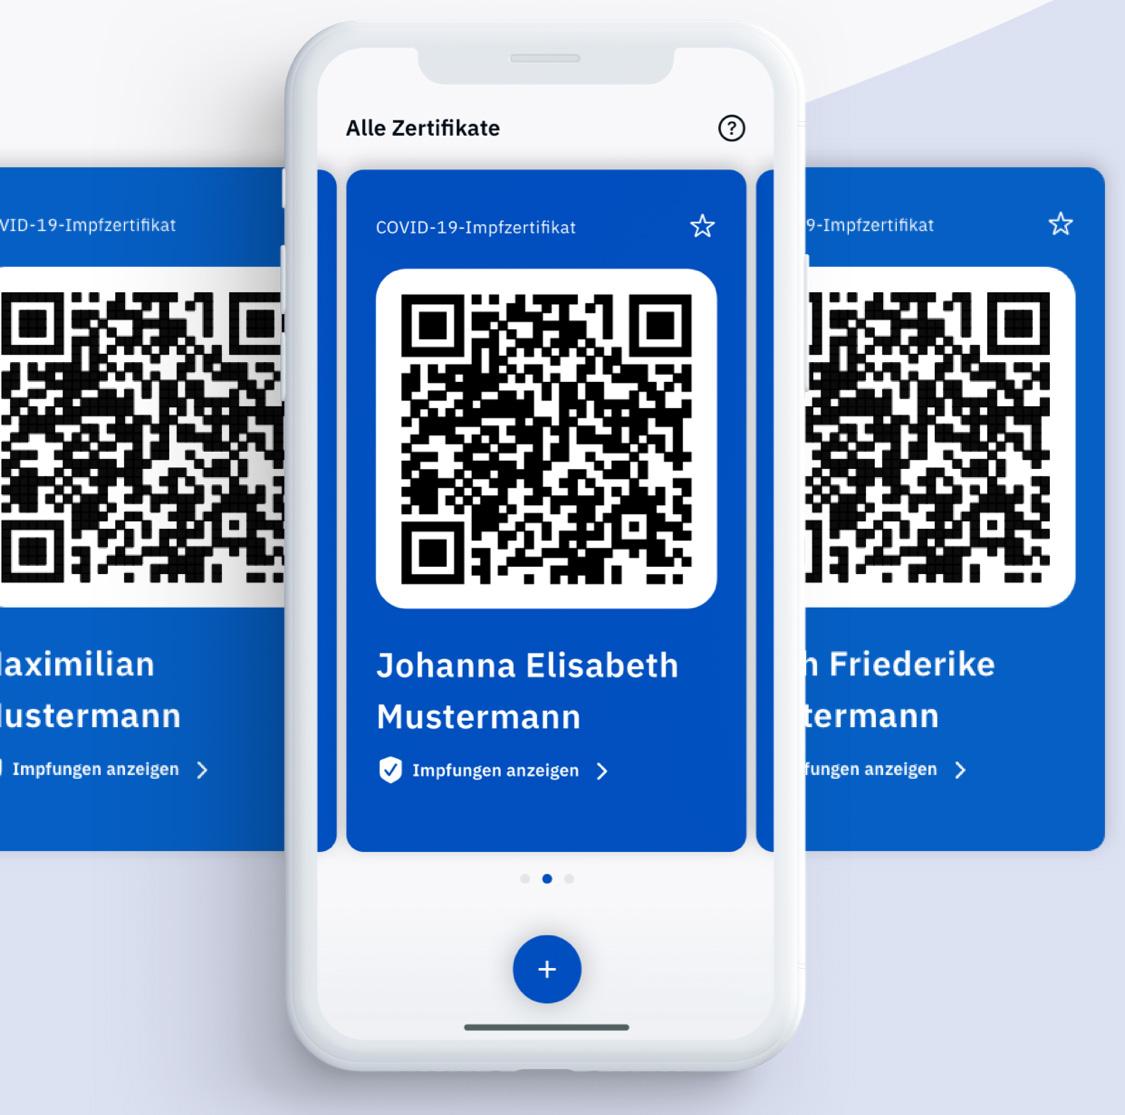 Covpass App Digitaler Impfpass Steht Zum Download Bereit Iphone Ticker De